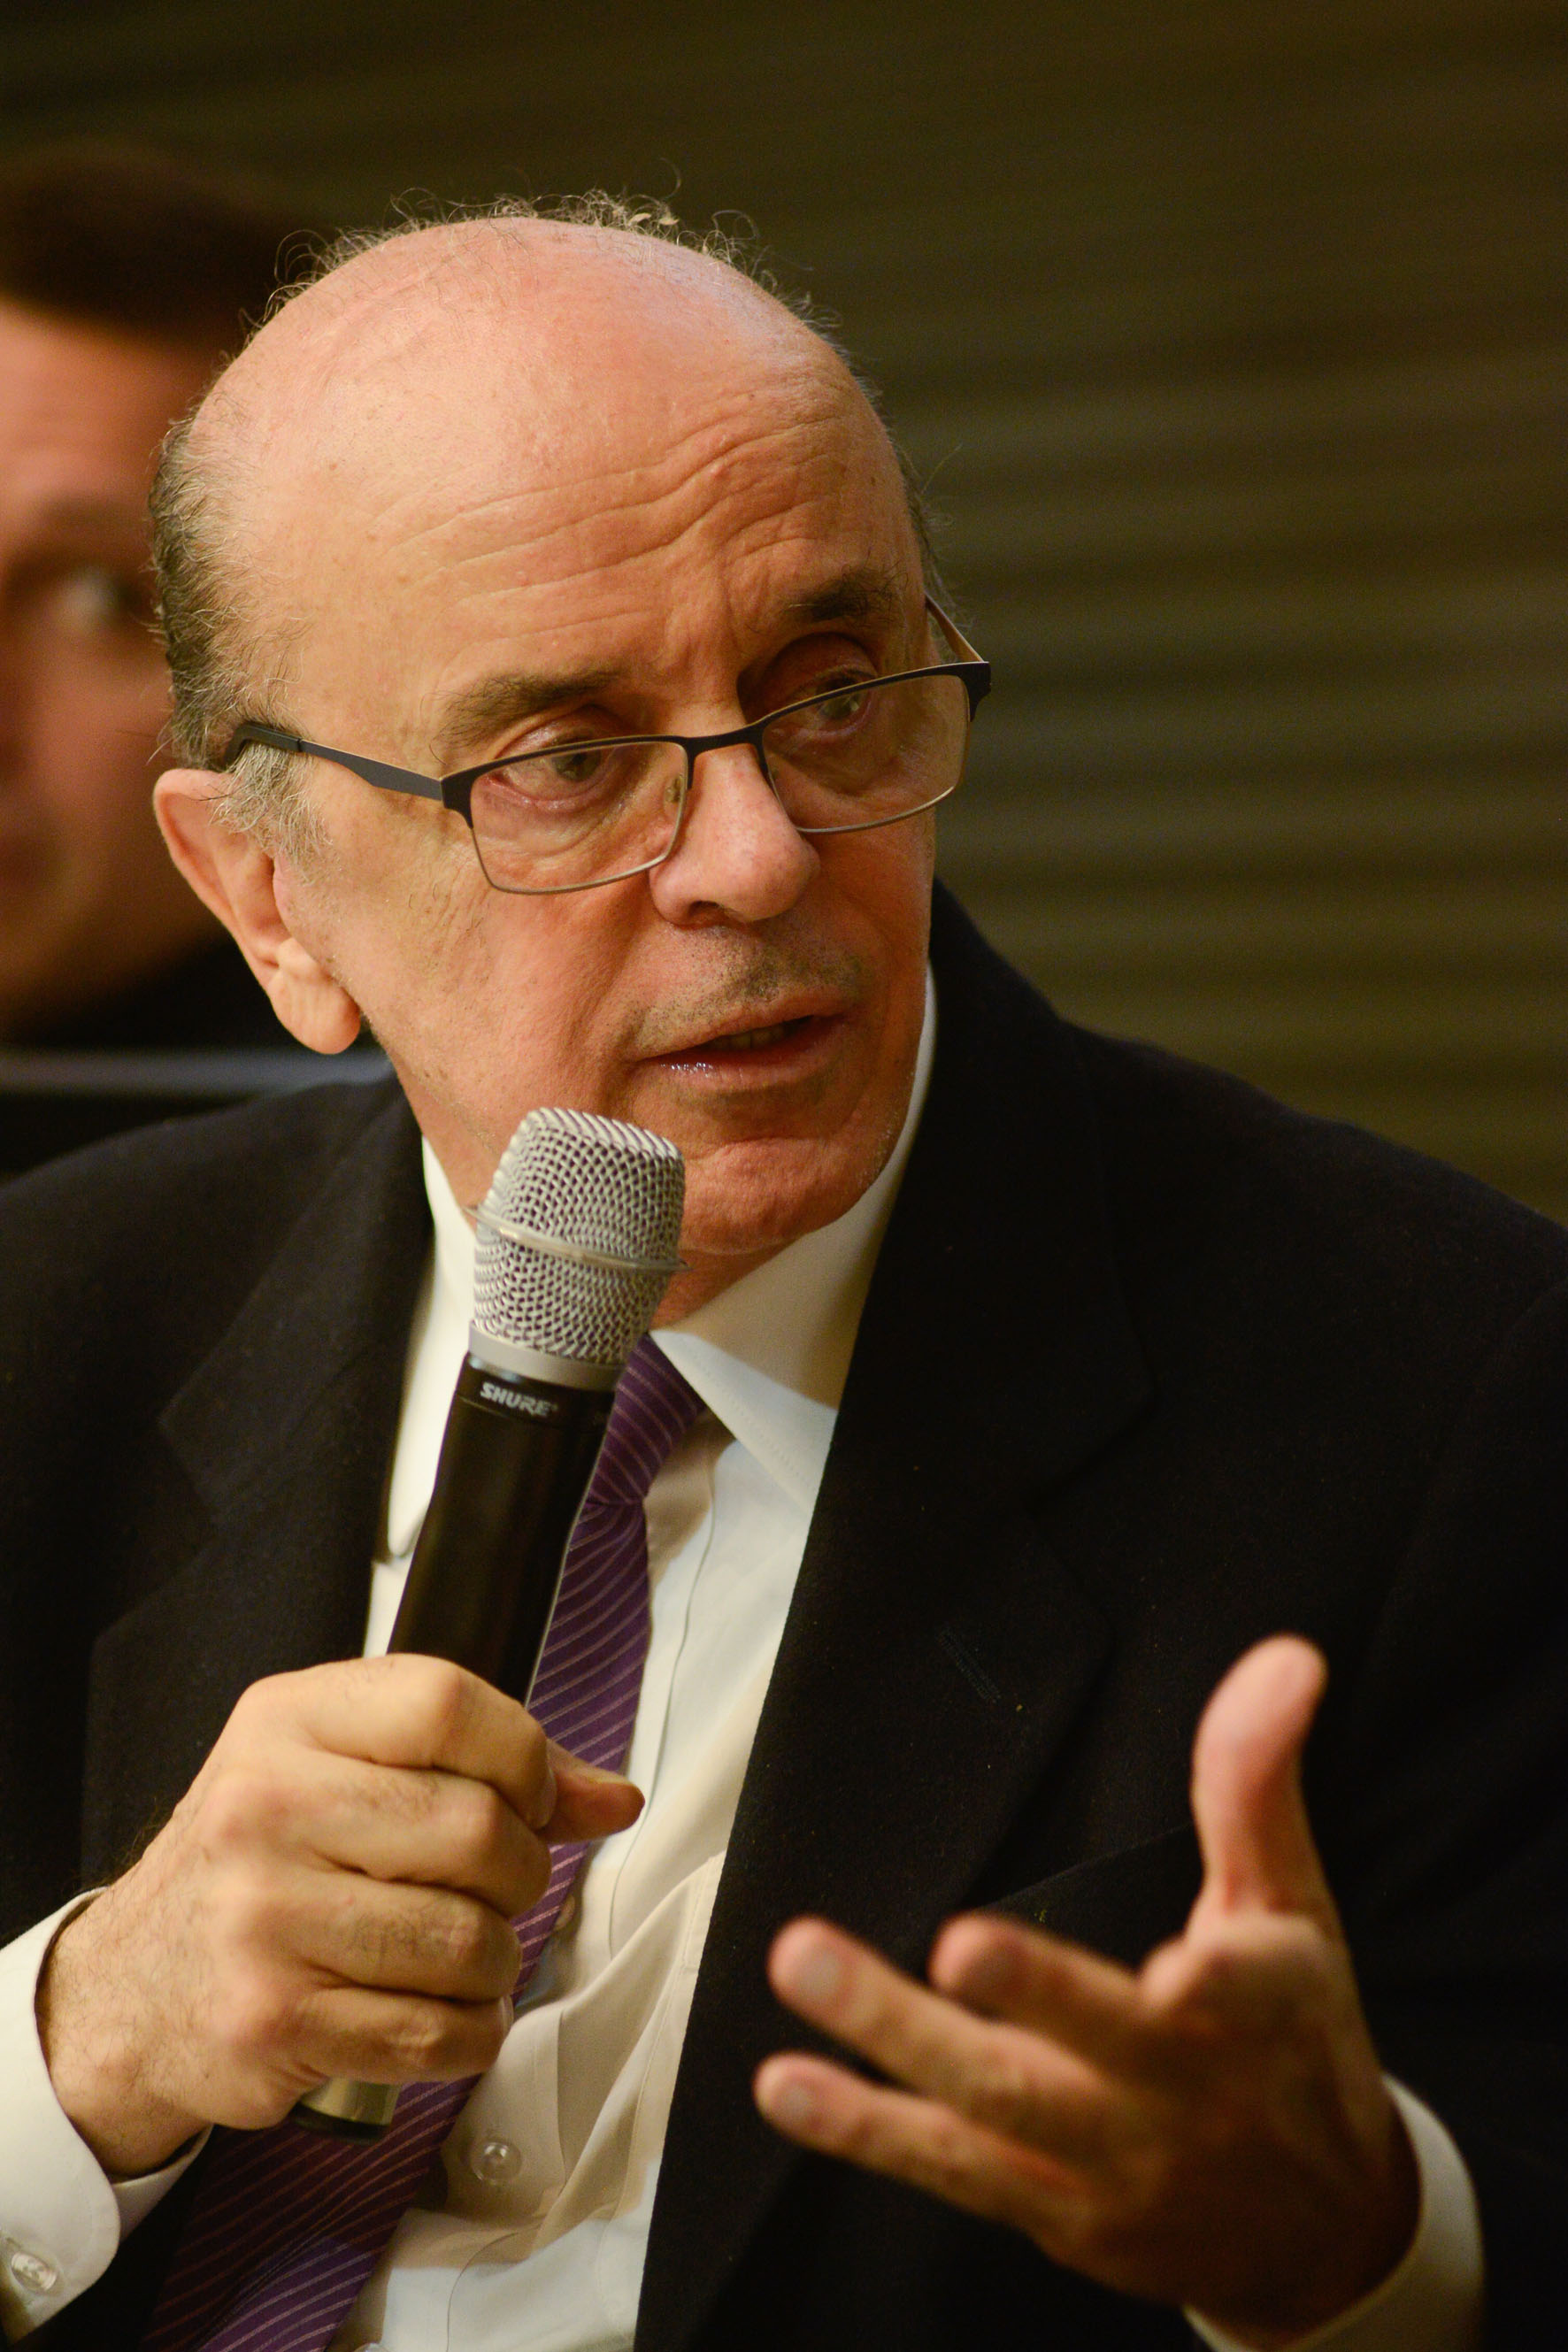 José Serra, ministro das Relações Exteriores, na comemoração do centenário Franco Montoro<a style='float:right' href='https://www3.al.sp.gov.br/repositorio/noticia/N-06-2016/fg192026.jpg' target=_blank><img src='/_img/material-file-download-white.png' width='14px' alt='Clique para baixar a imagem'></a>